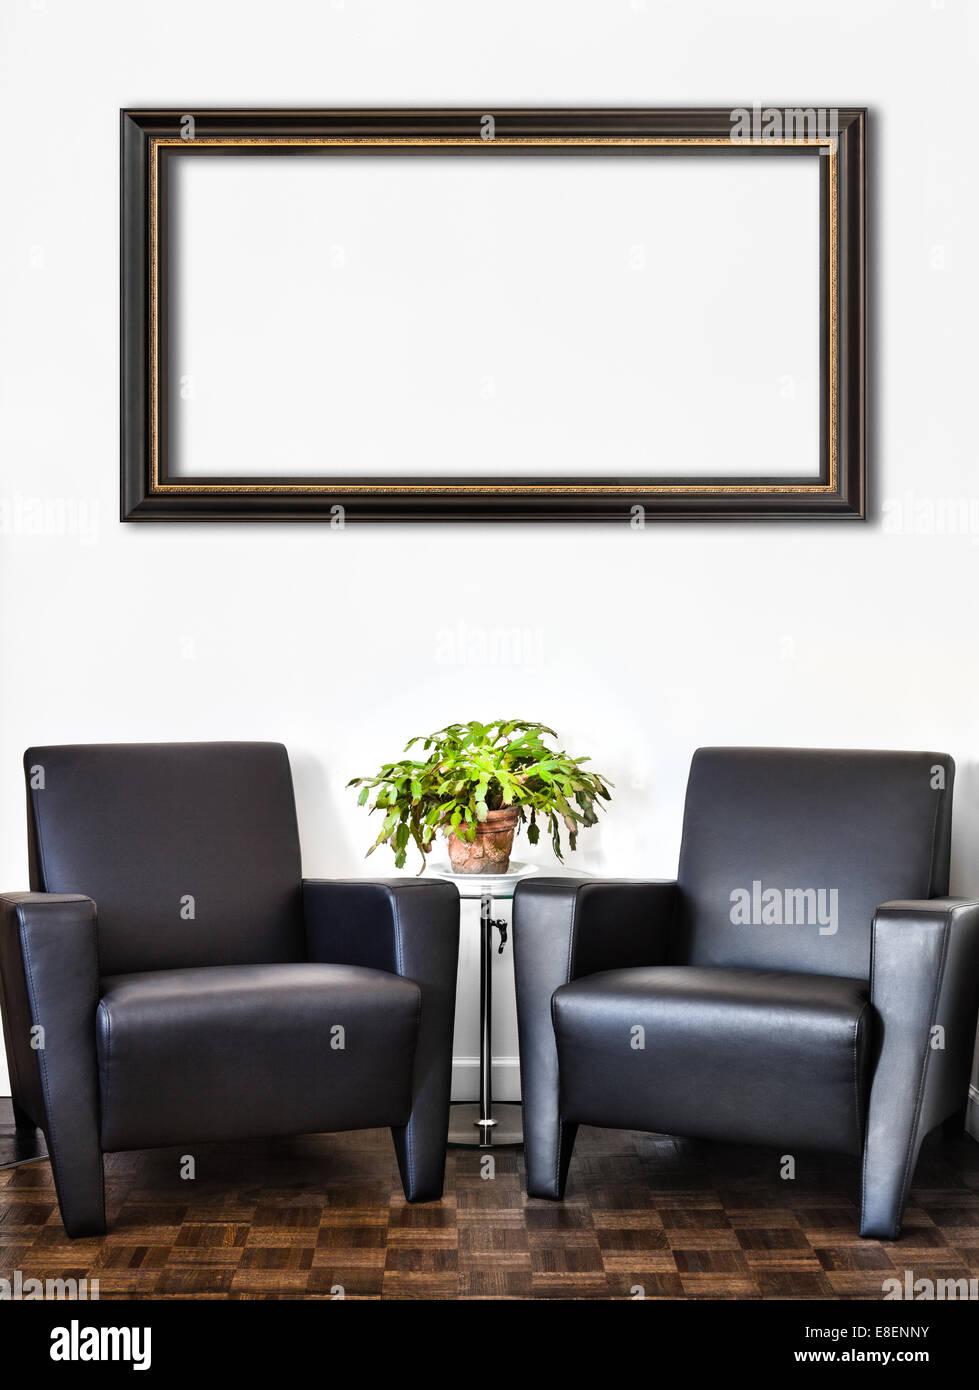 Einzigartig Couch Groß Referenz Von Modernen Interior Room Und Weiße Wand Und